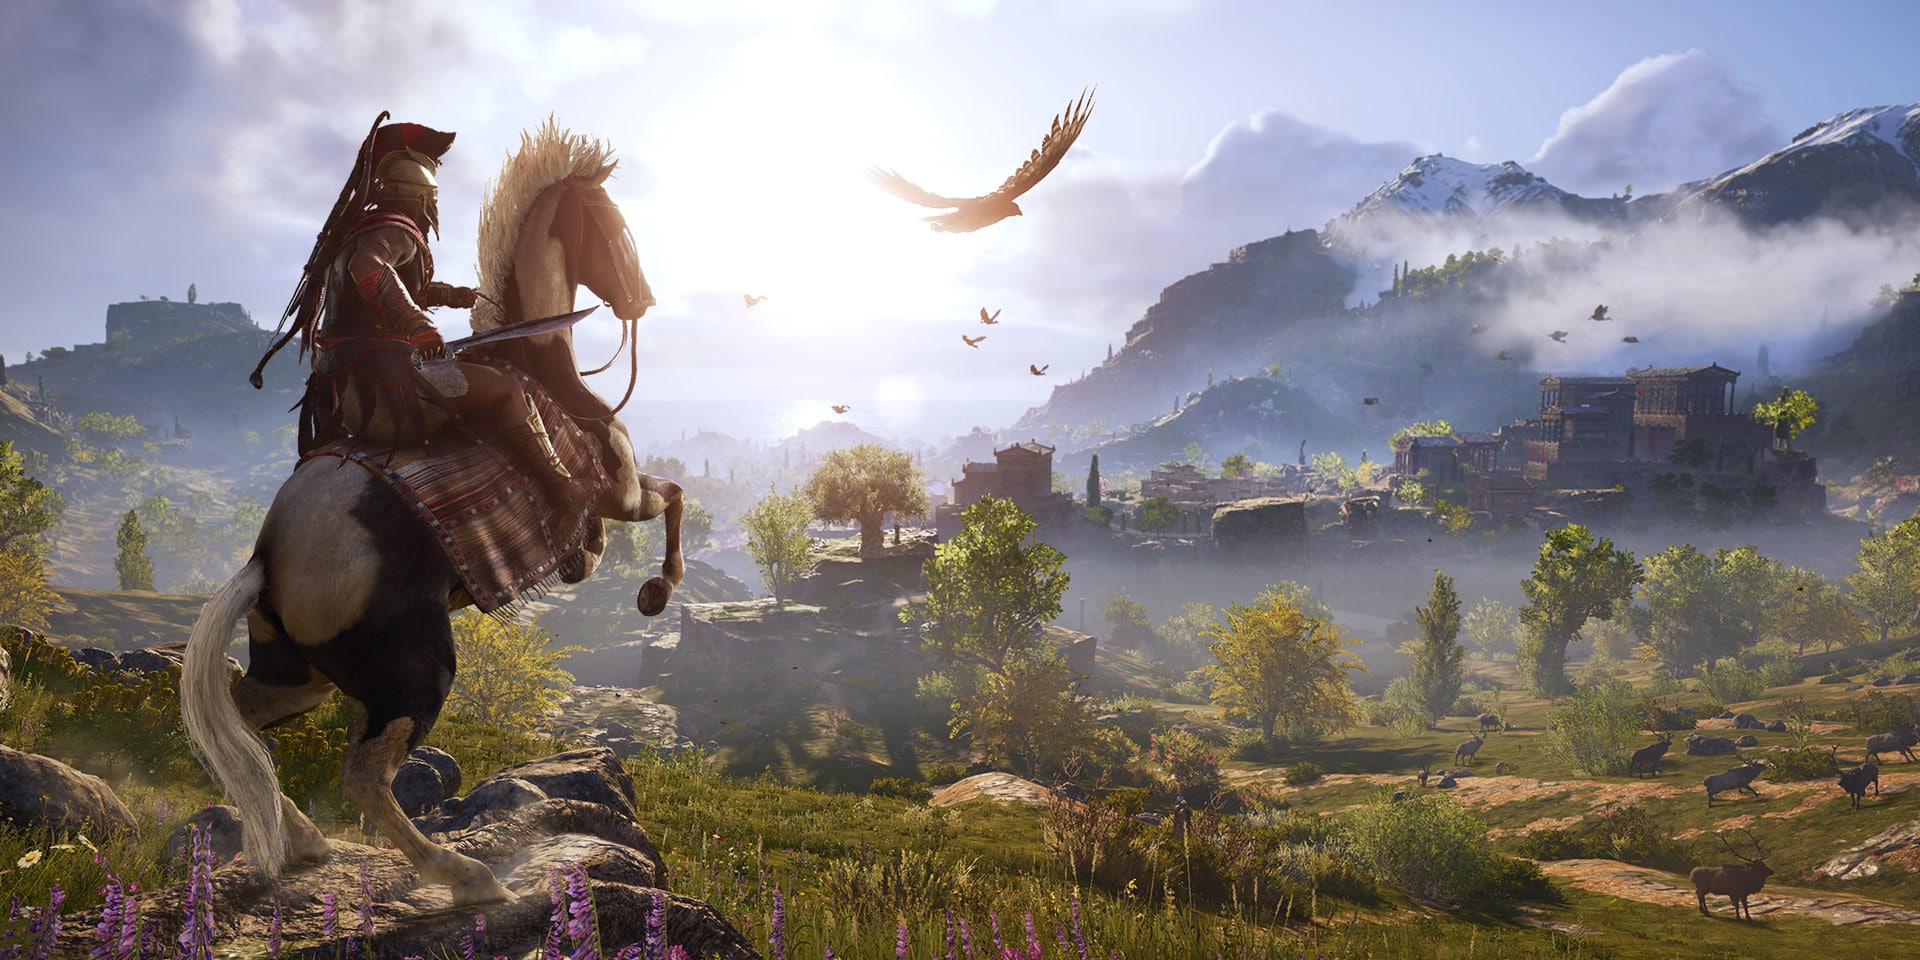 Znalezione obrazy dlazapytania: Assassin's Creed Odyssey